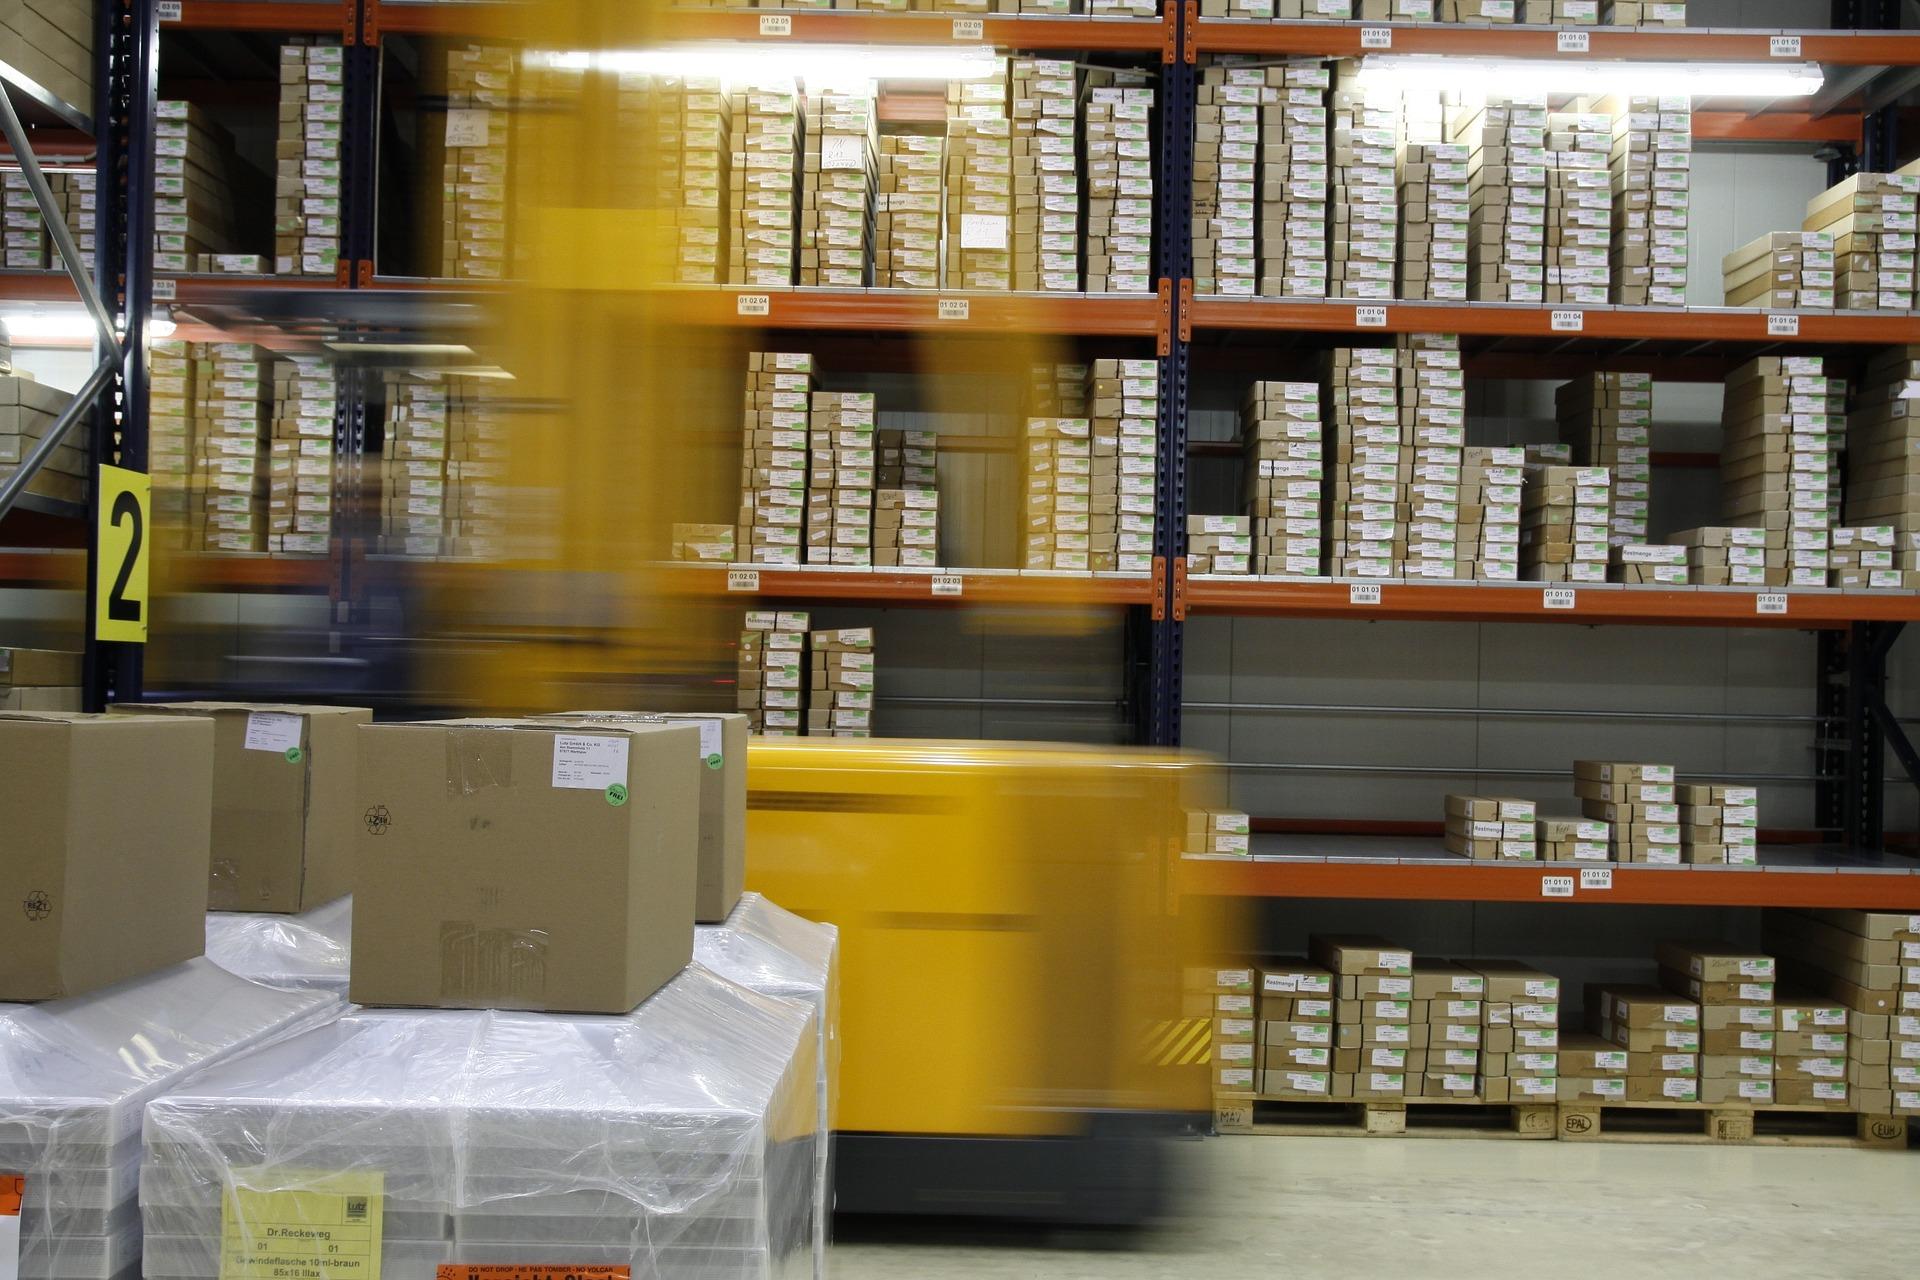 Szkolenie Realizacja procesów logistycznych w przedsiębiorstwie - uwarunkowania, wyodrębnienie, organizacja i ich optymalizacja